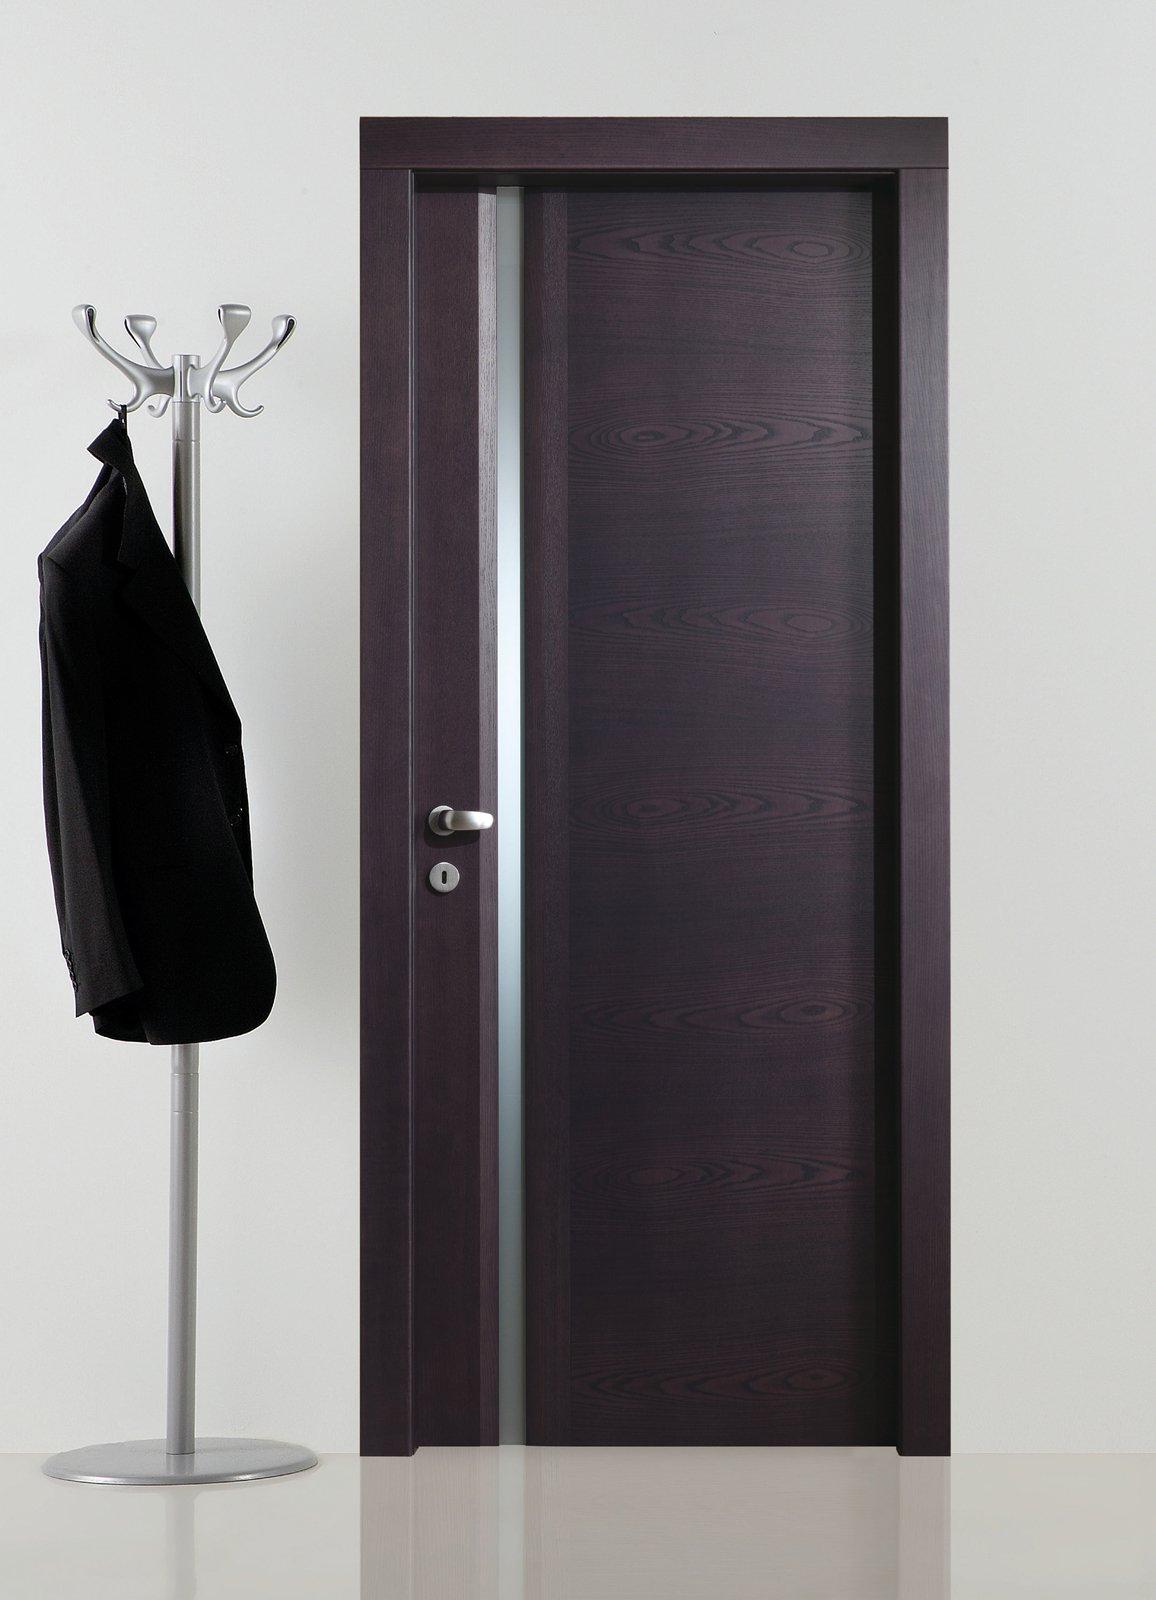 Porte e arredo i consigli su come abbinare stili e for Abbinamento parquet e porte